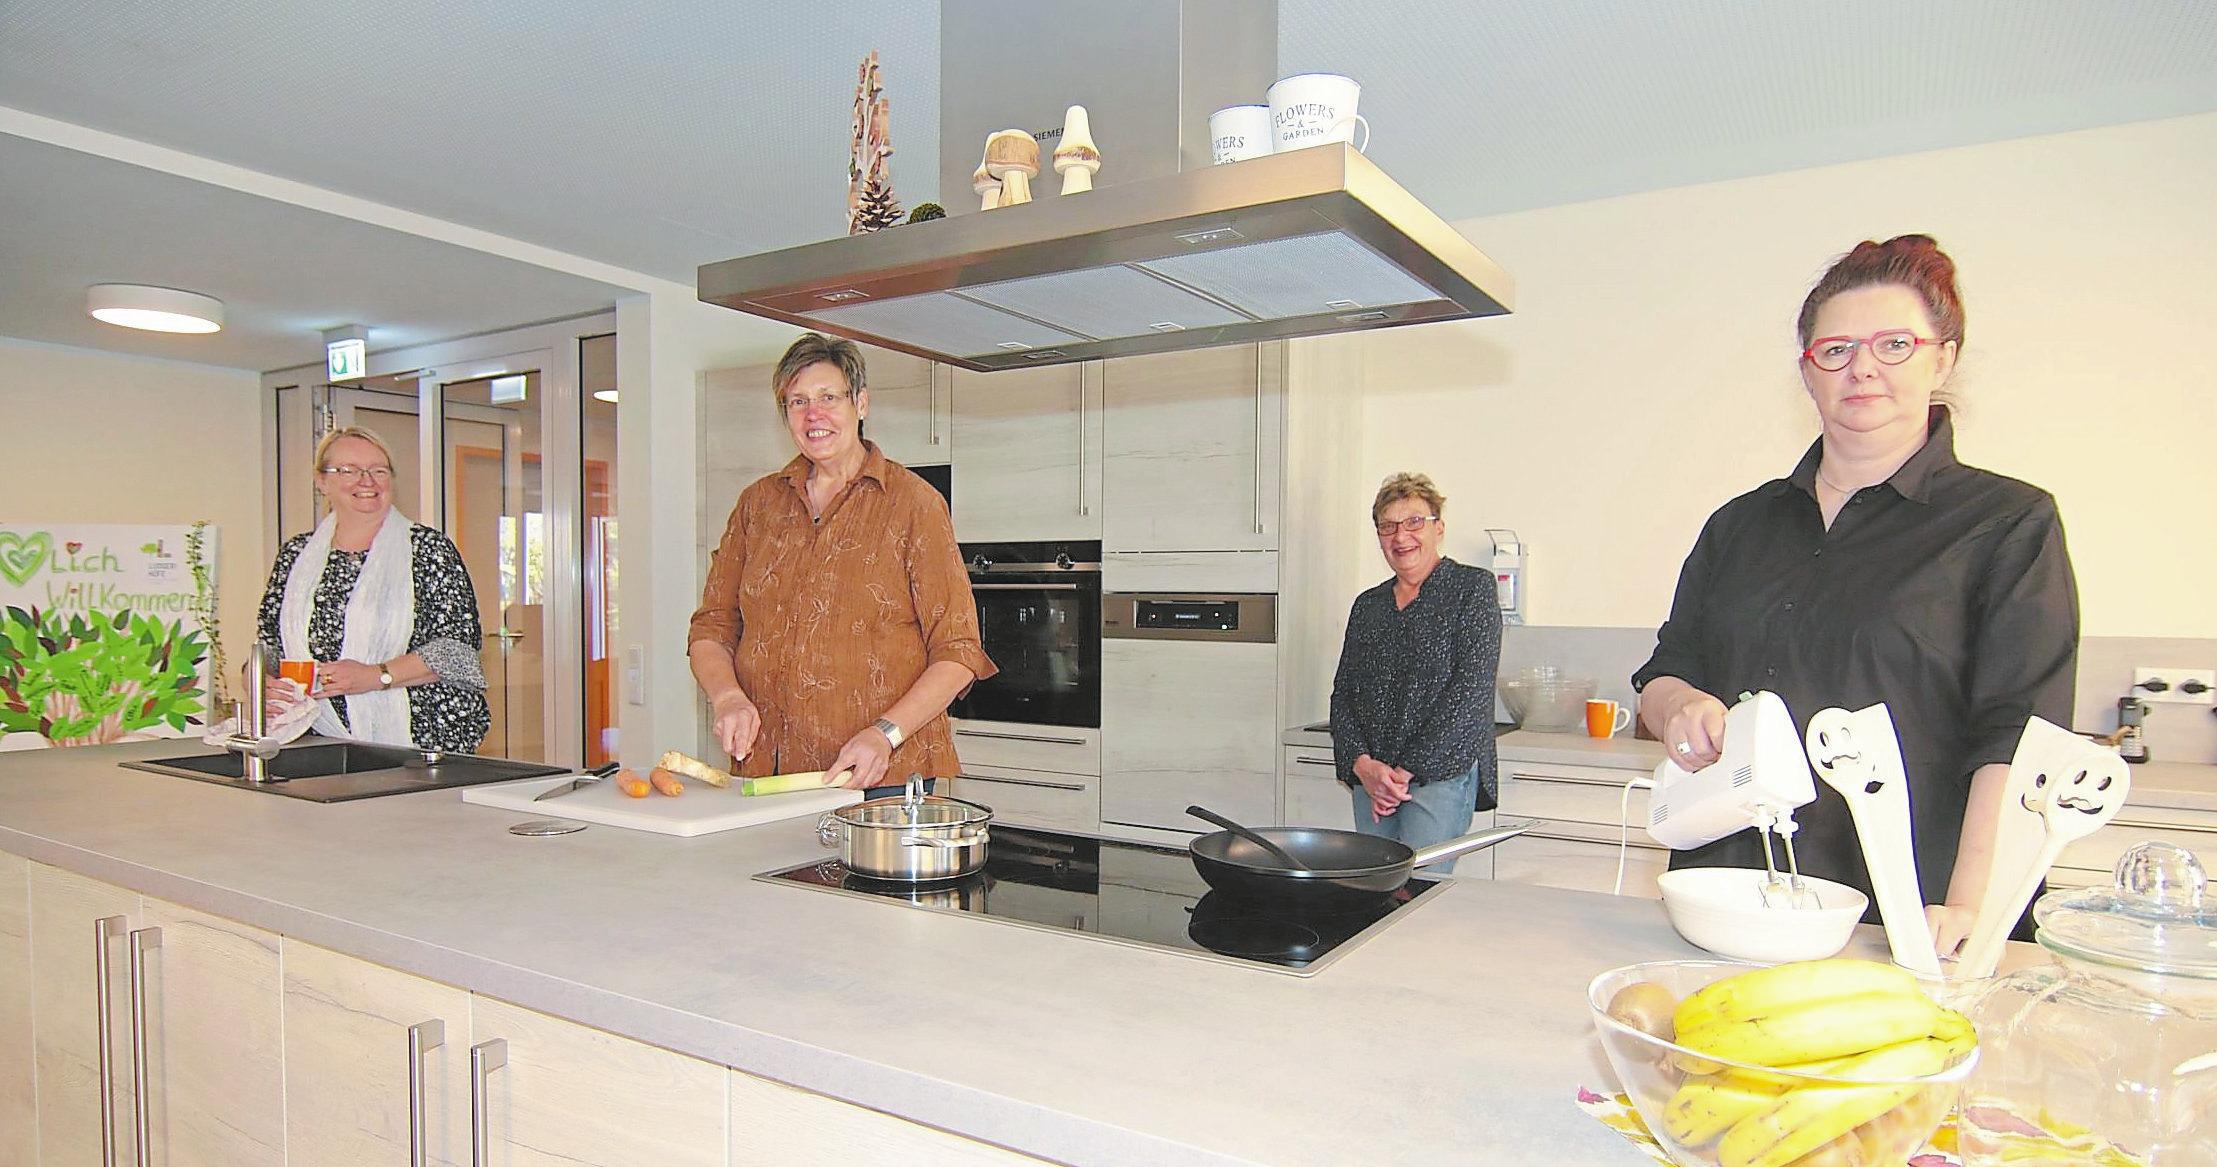 Die Mitarbeiterinnen Sabine Holzkamp, Mechthild Lenkewitz, Sabine Schade und Elke Müller-Doden (v. l.) zeigen den großen Küchenbereich mit Kochinsel, die ein gemeinschaftliches Kochen ermöglicht.